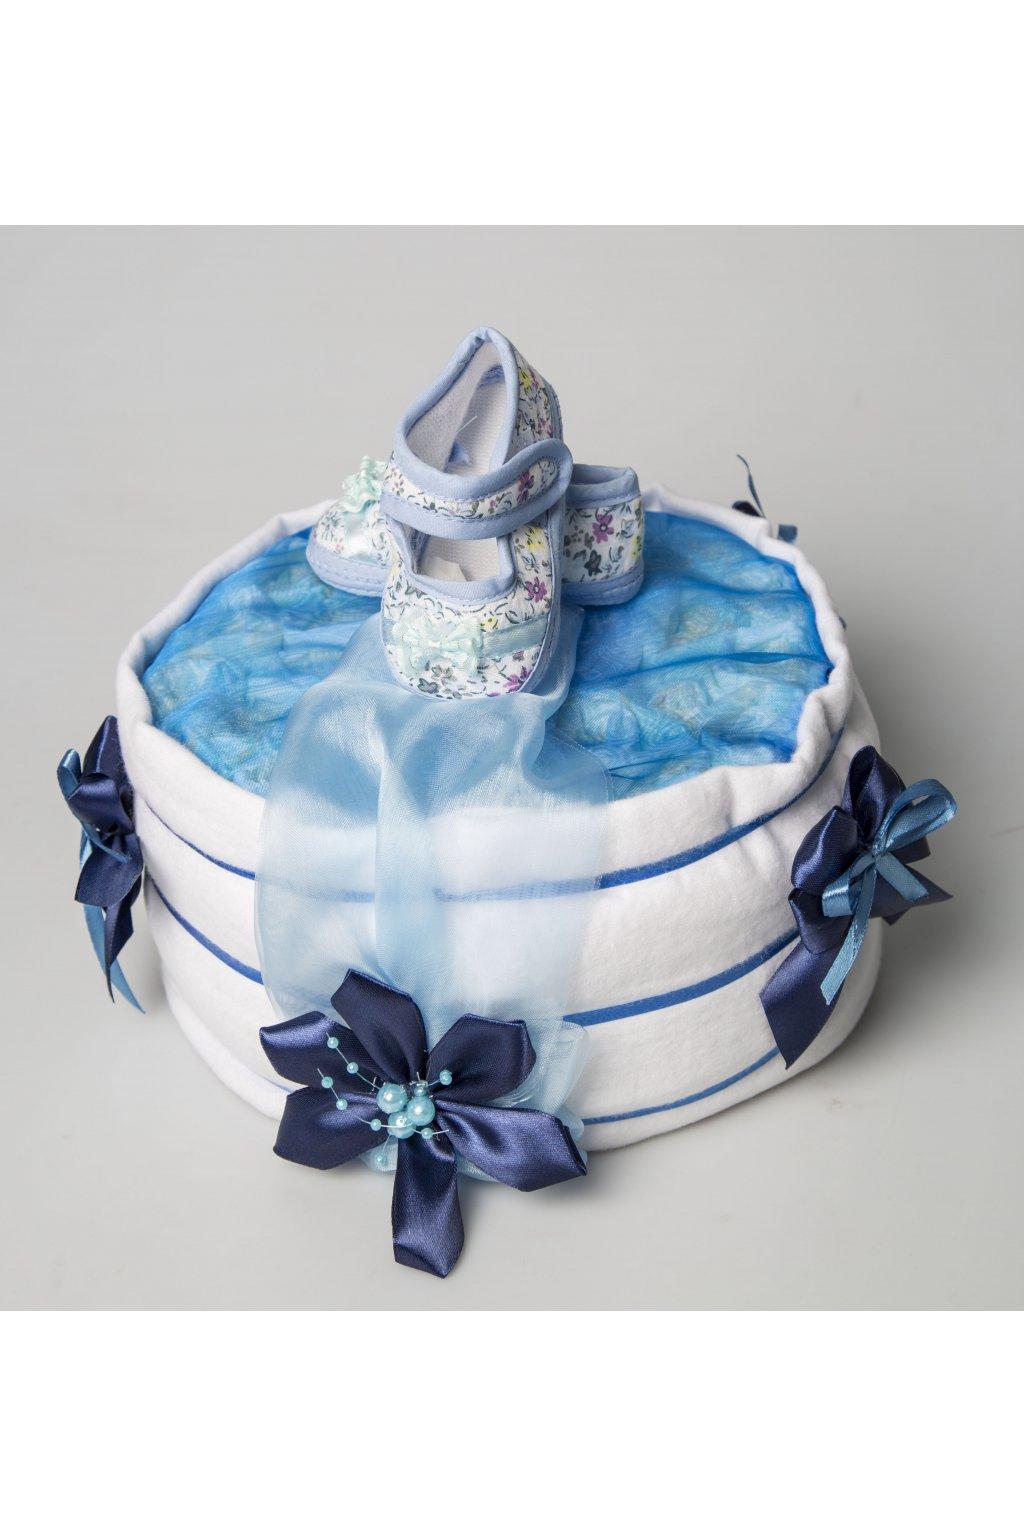 Jednopatrový plenkový dort pro chlapce – modrý special